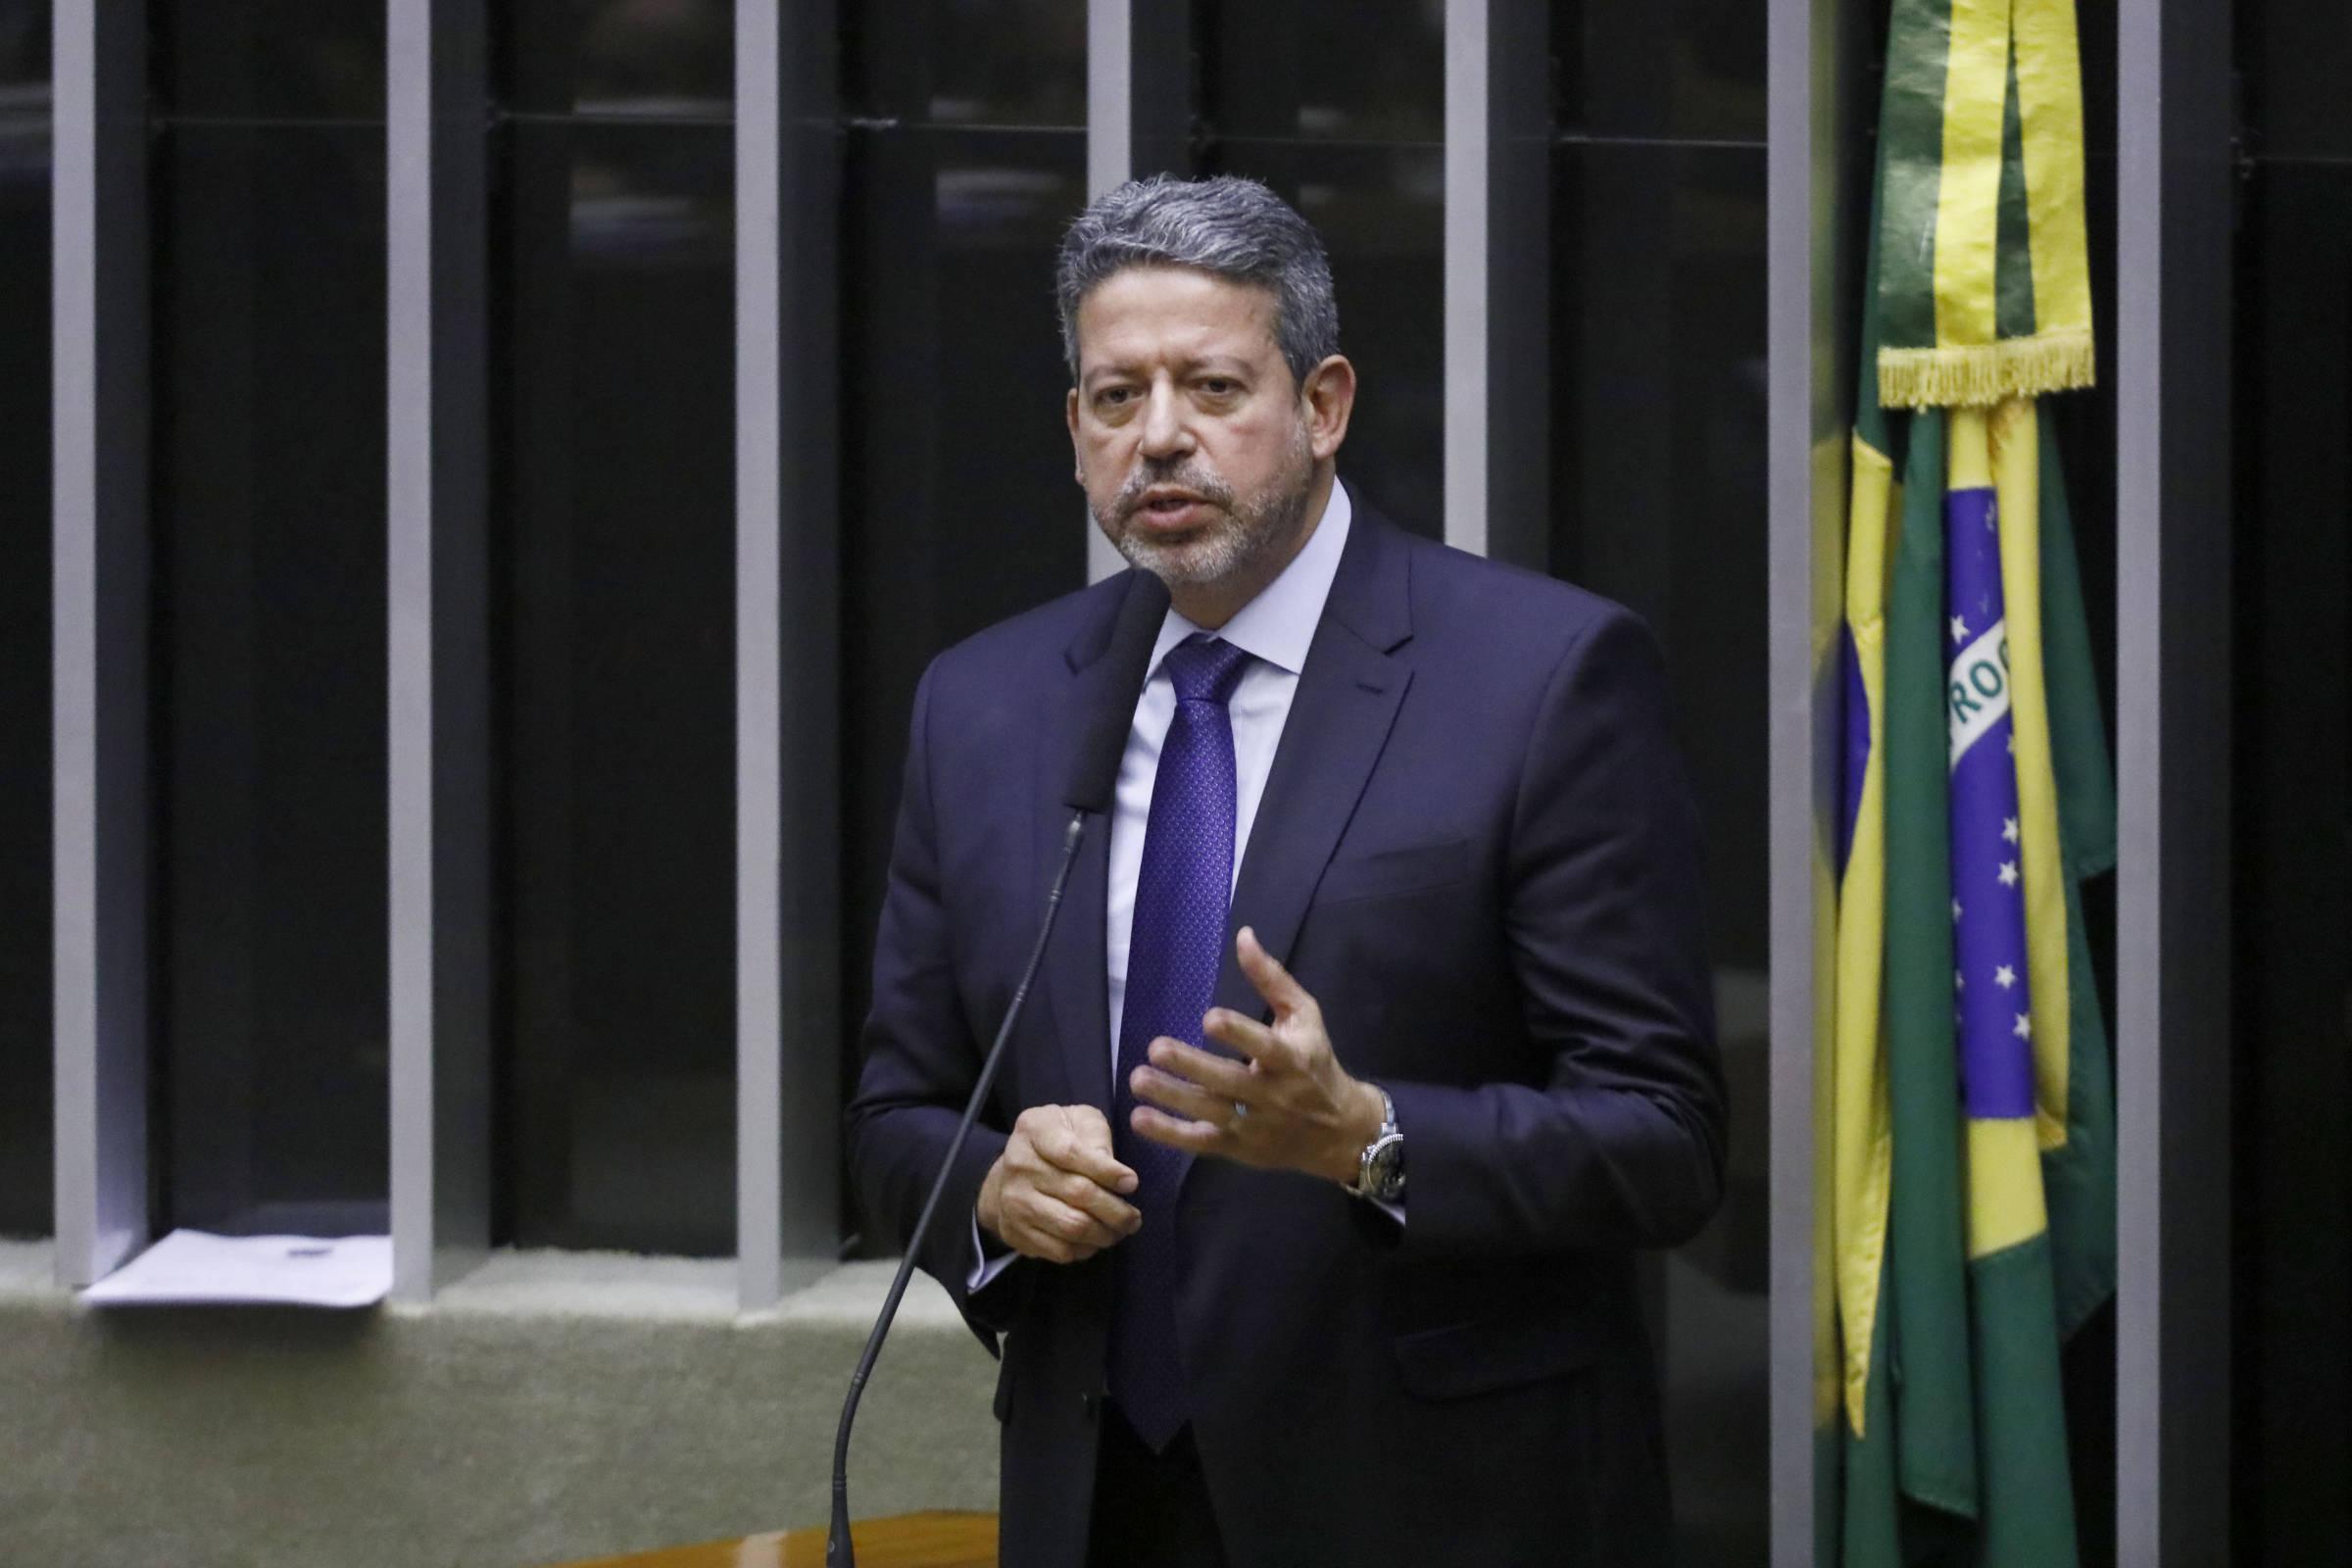 Relator propõe reforma tributária ampla e Lira anuncia fim de comissão